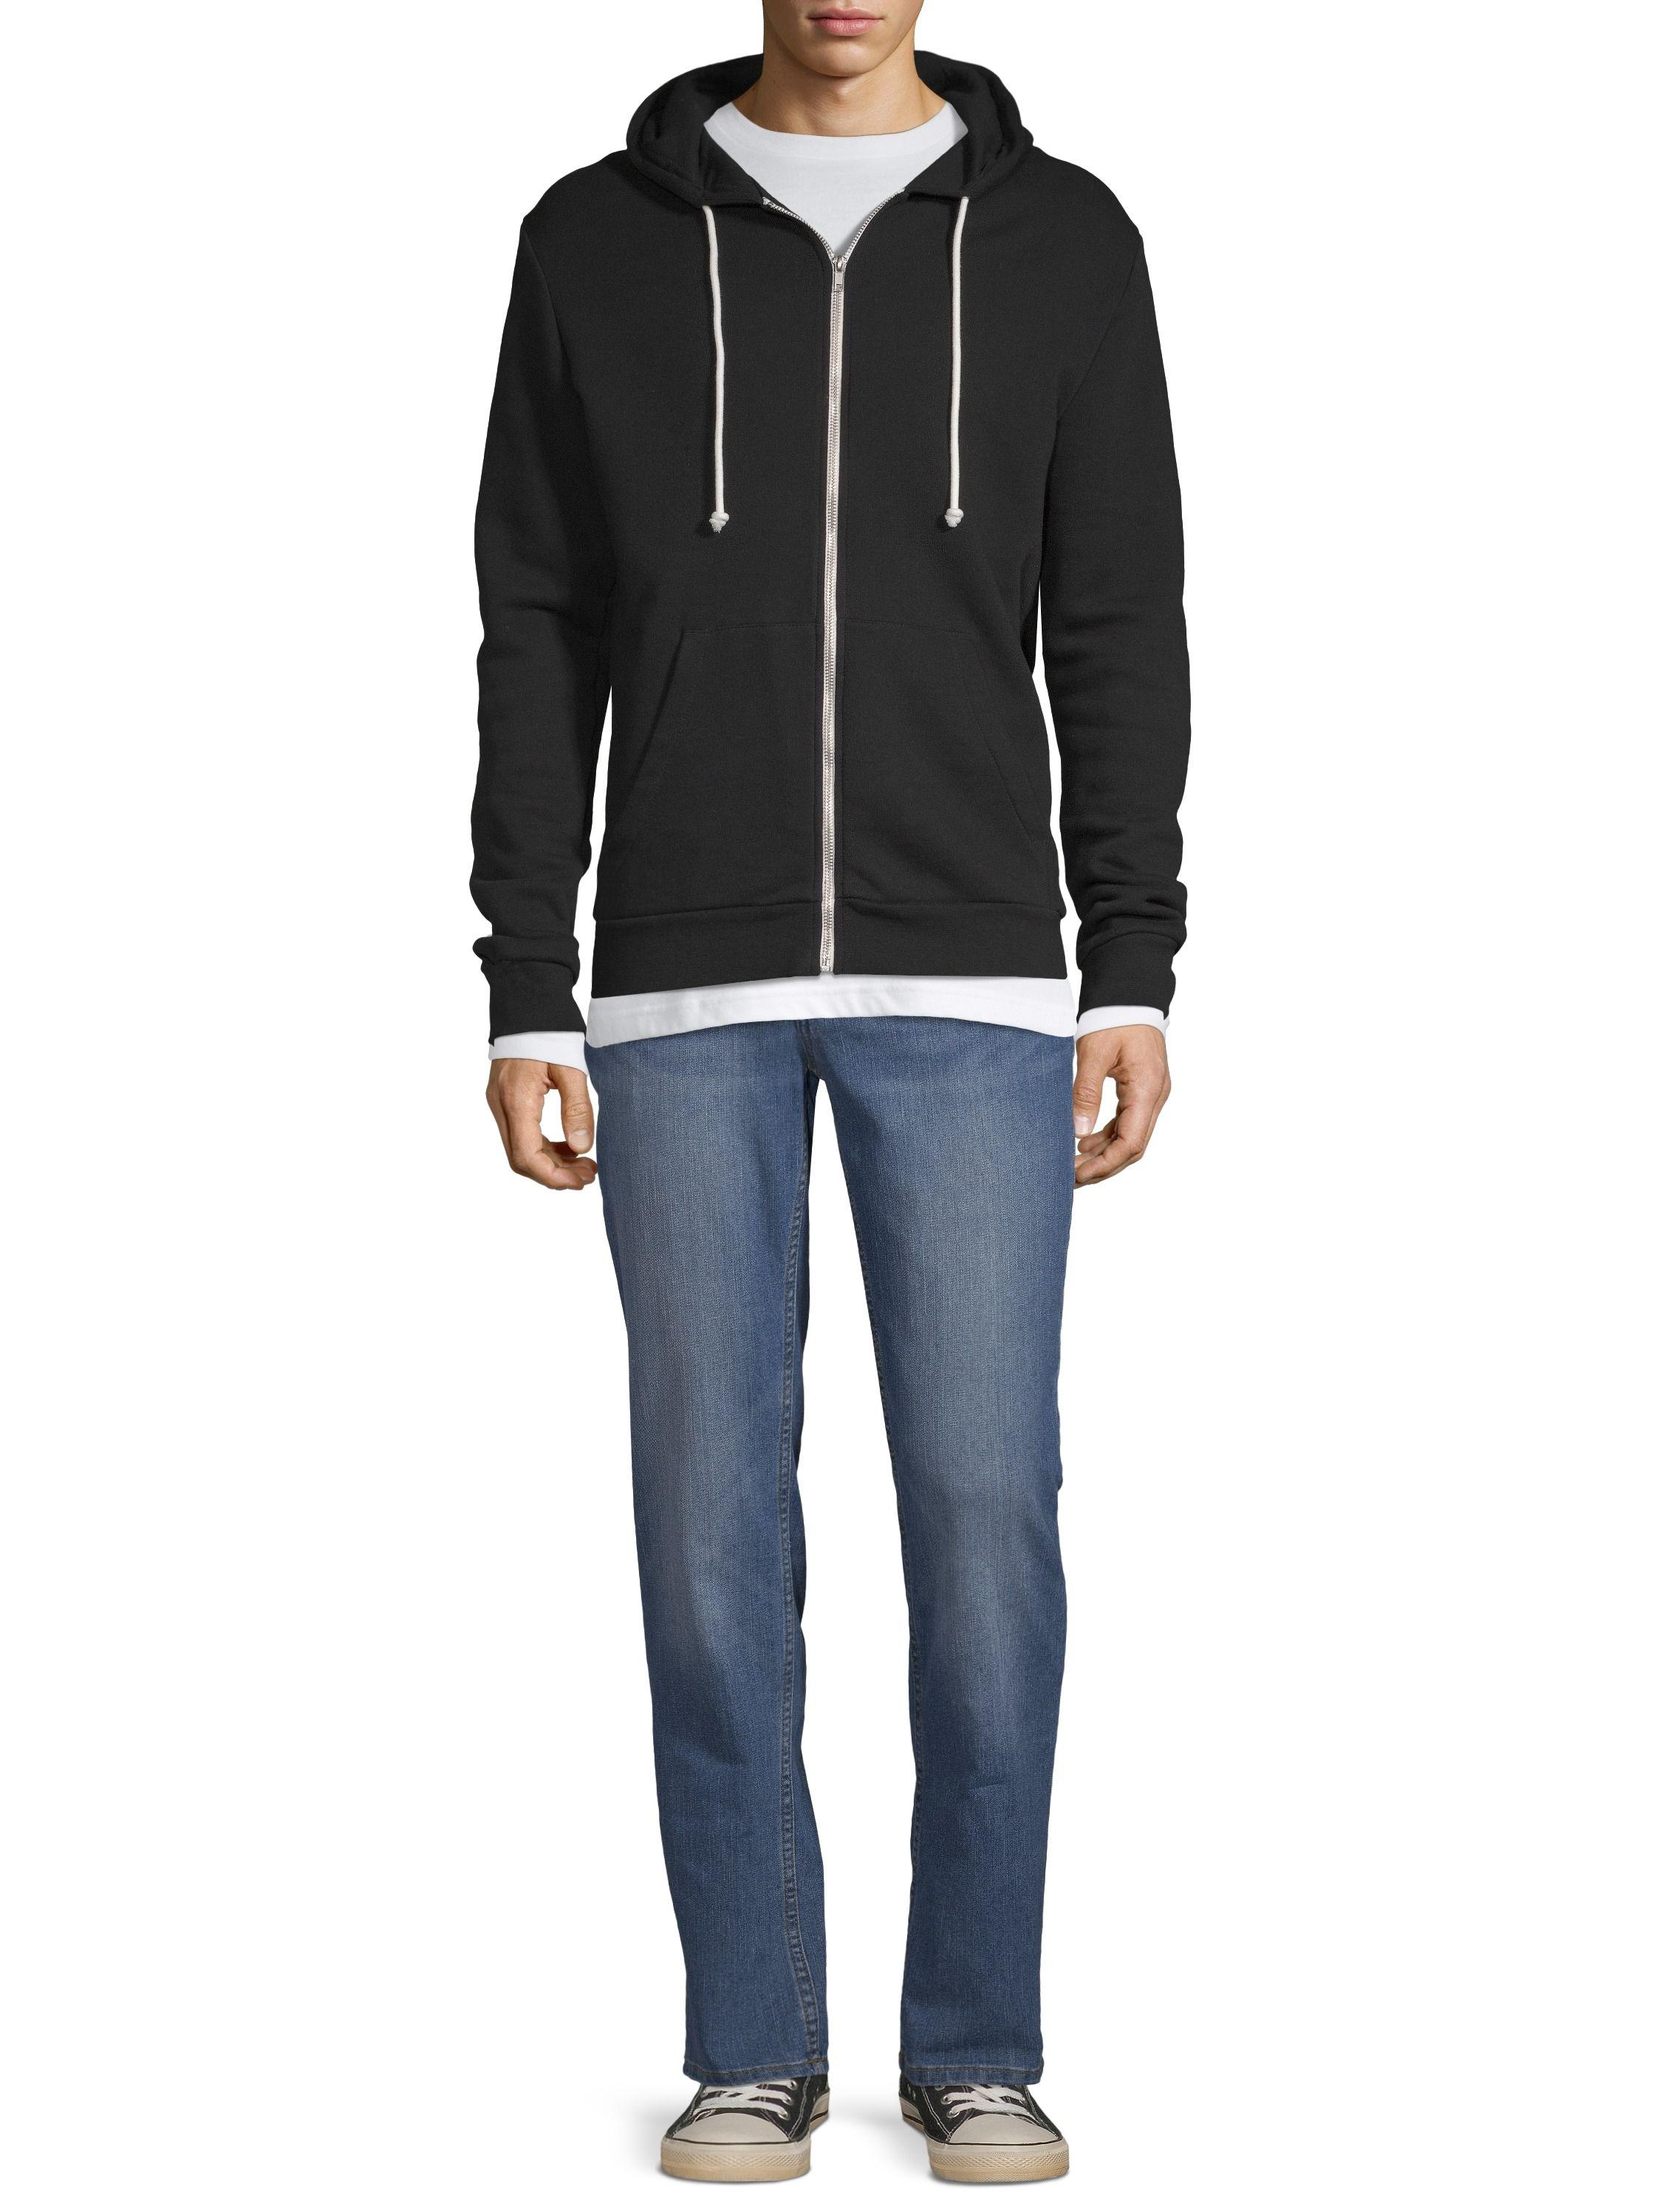 George George Men S Premium Denim Jeans Walmart Com Premium Denim Jeans Premium Denim Denim Jeans [ 2995 x 2247 Pixel ]